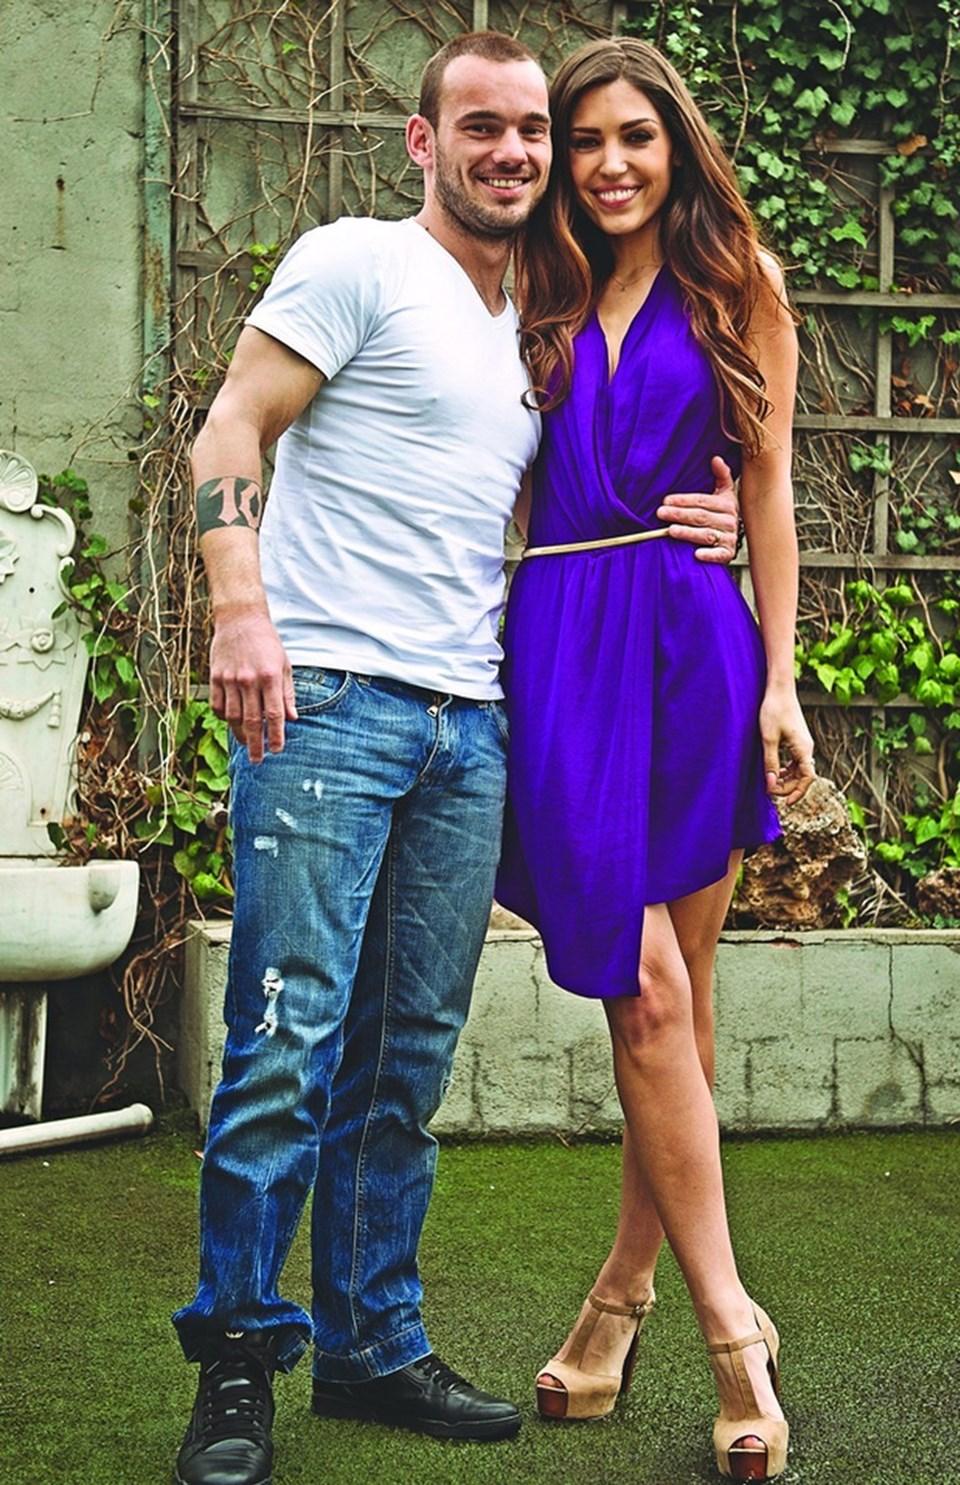 Sneijder ile model eşi Yolanthe Cabau 2009 yılında dünyaevine girdi.